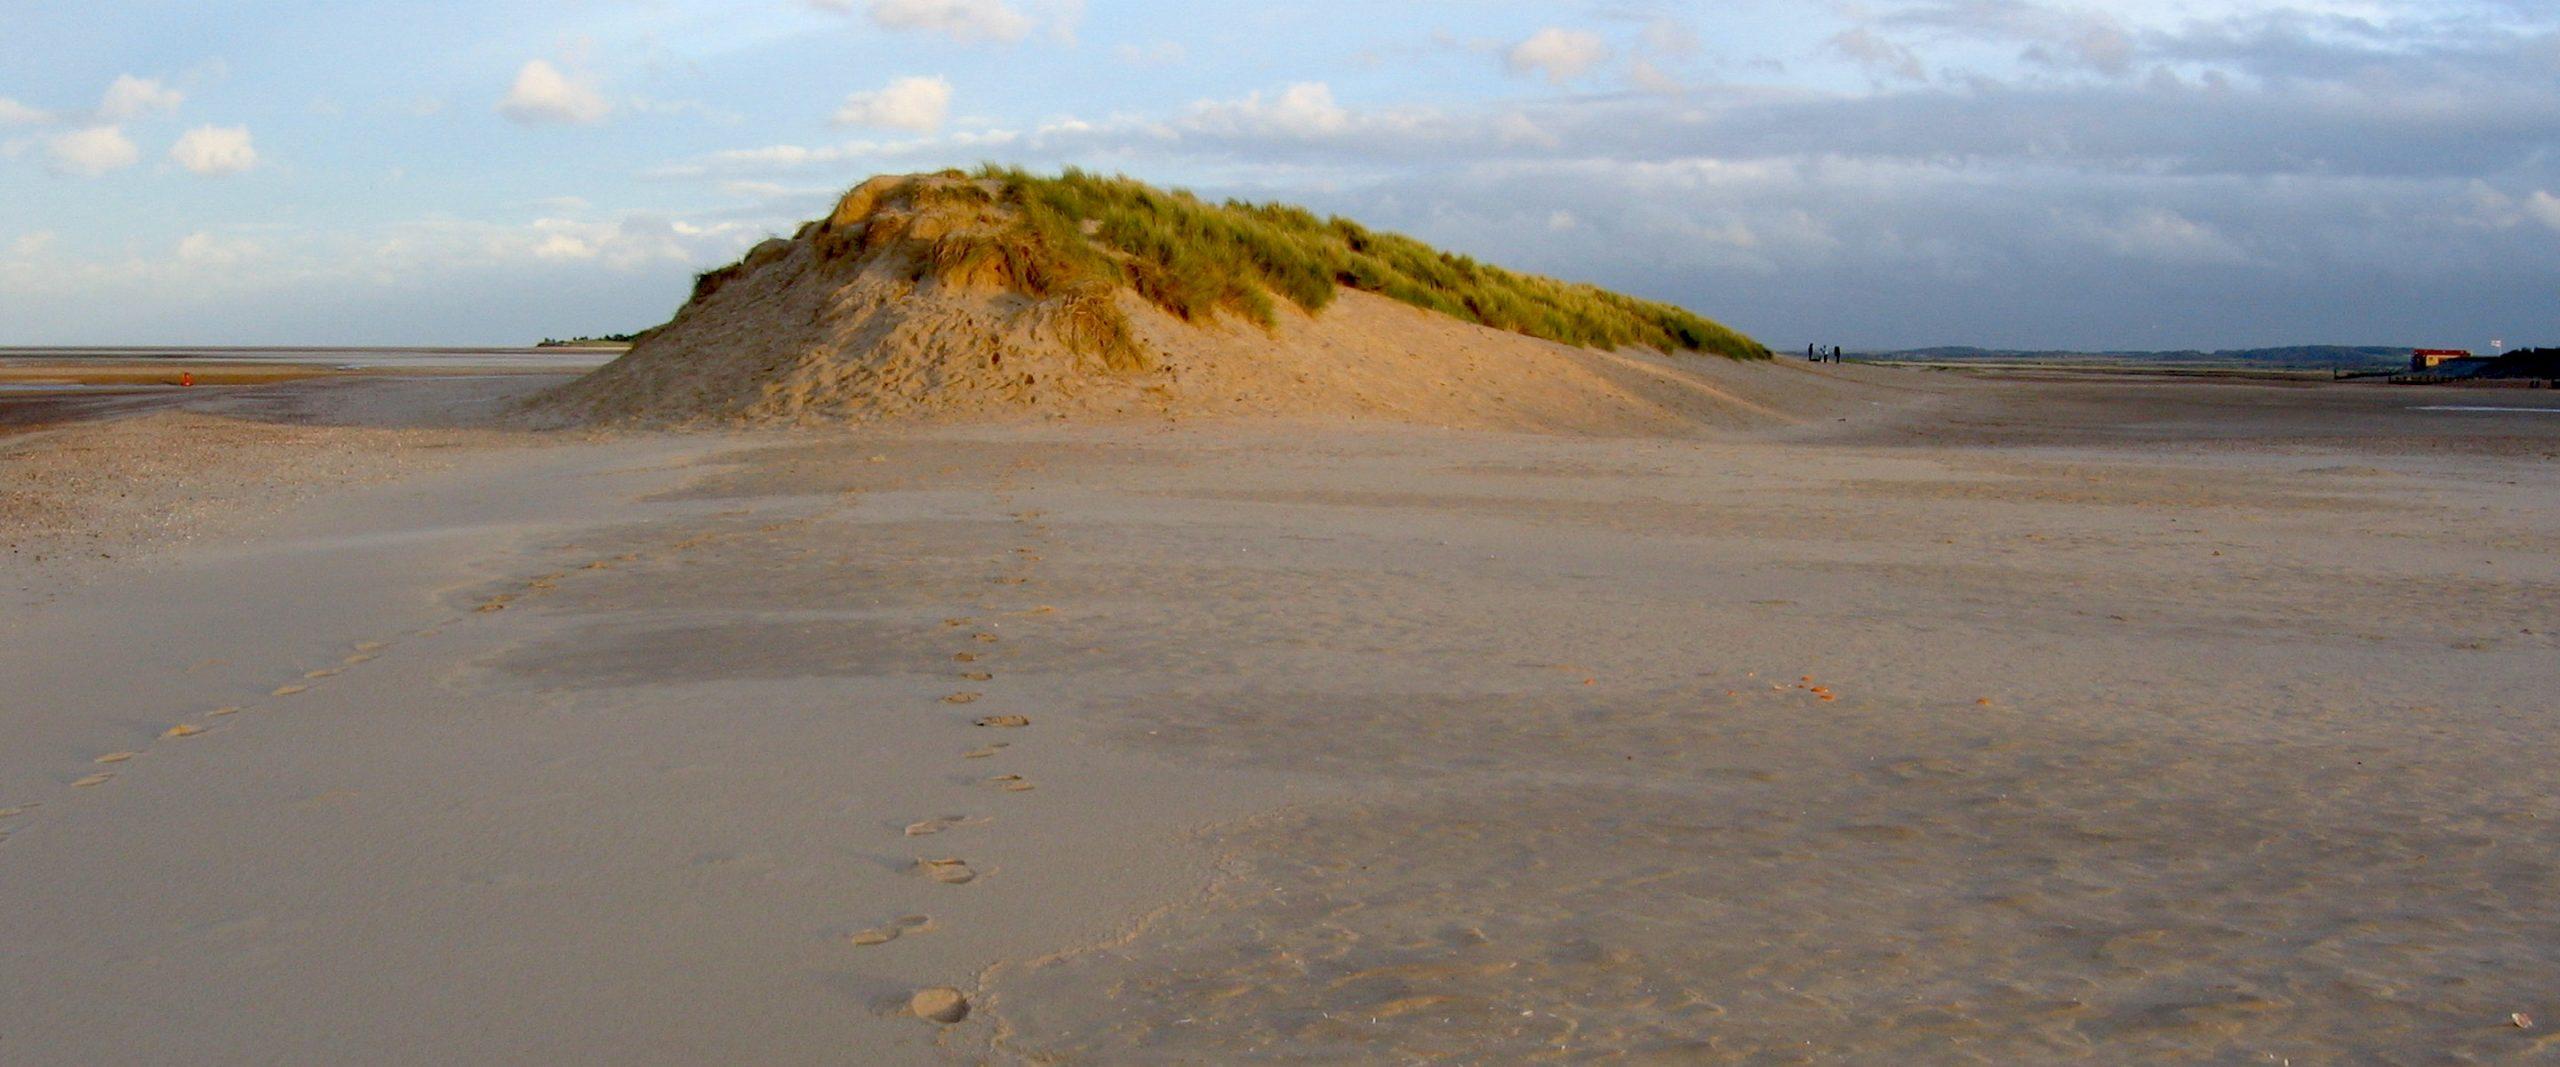 Sanddune, Norfolk